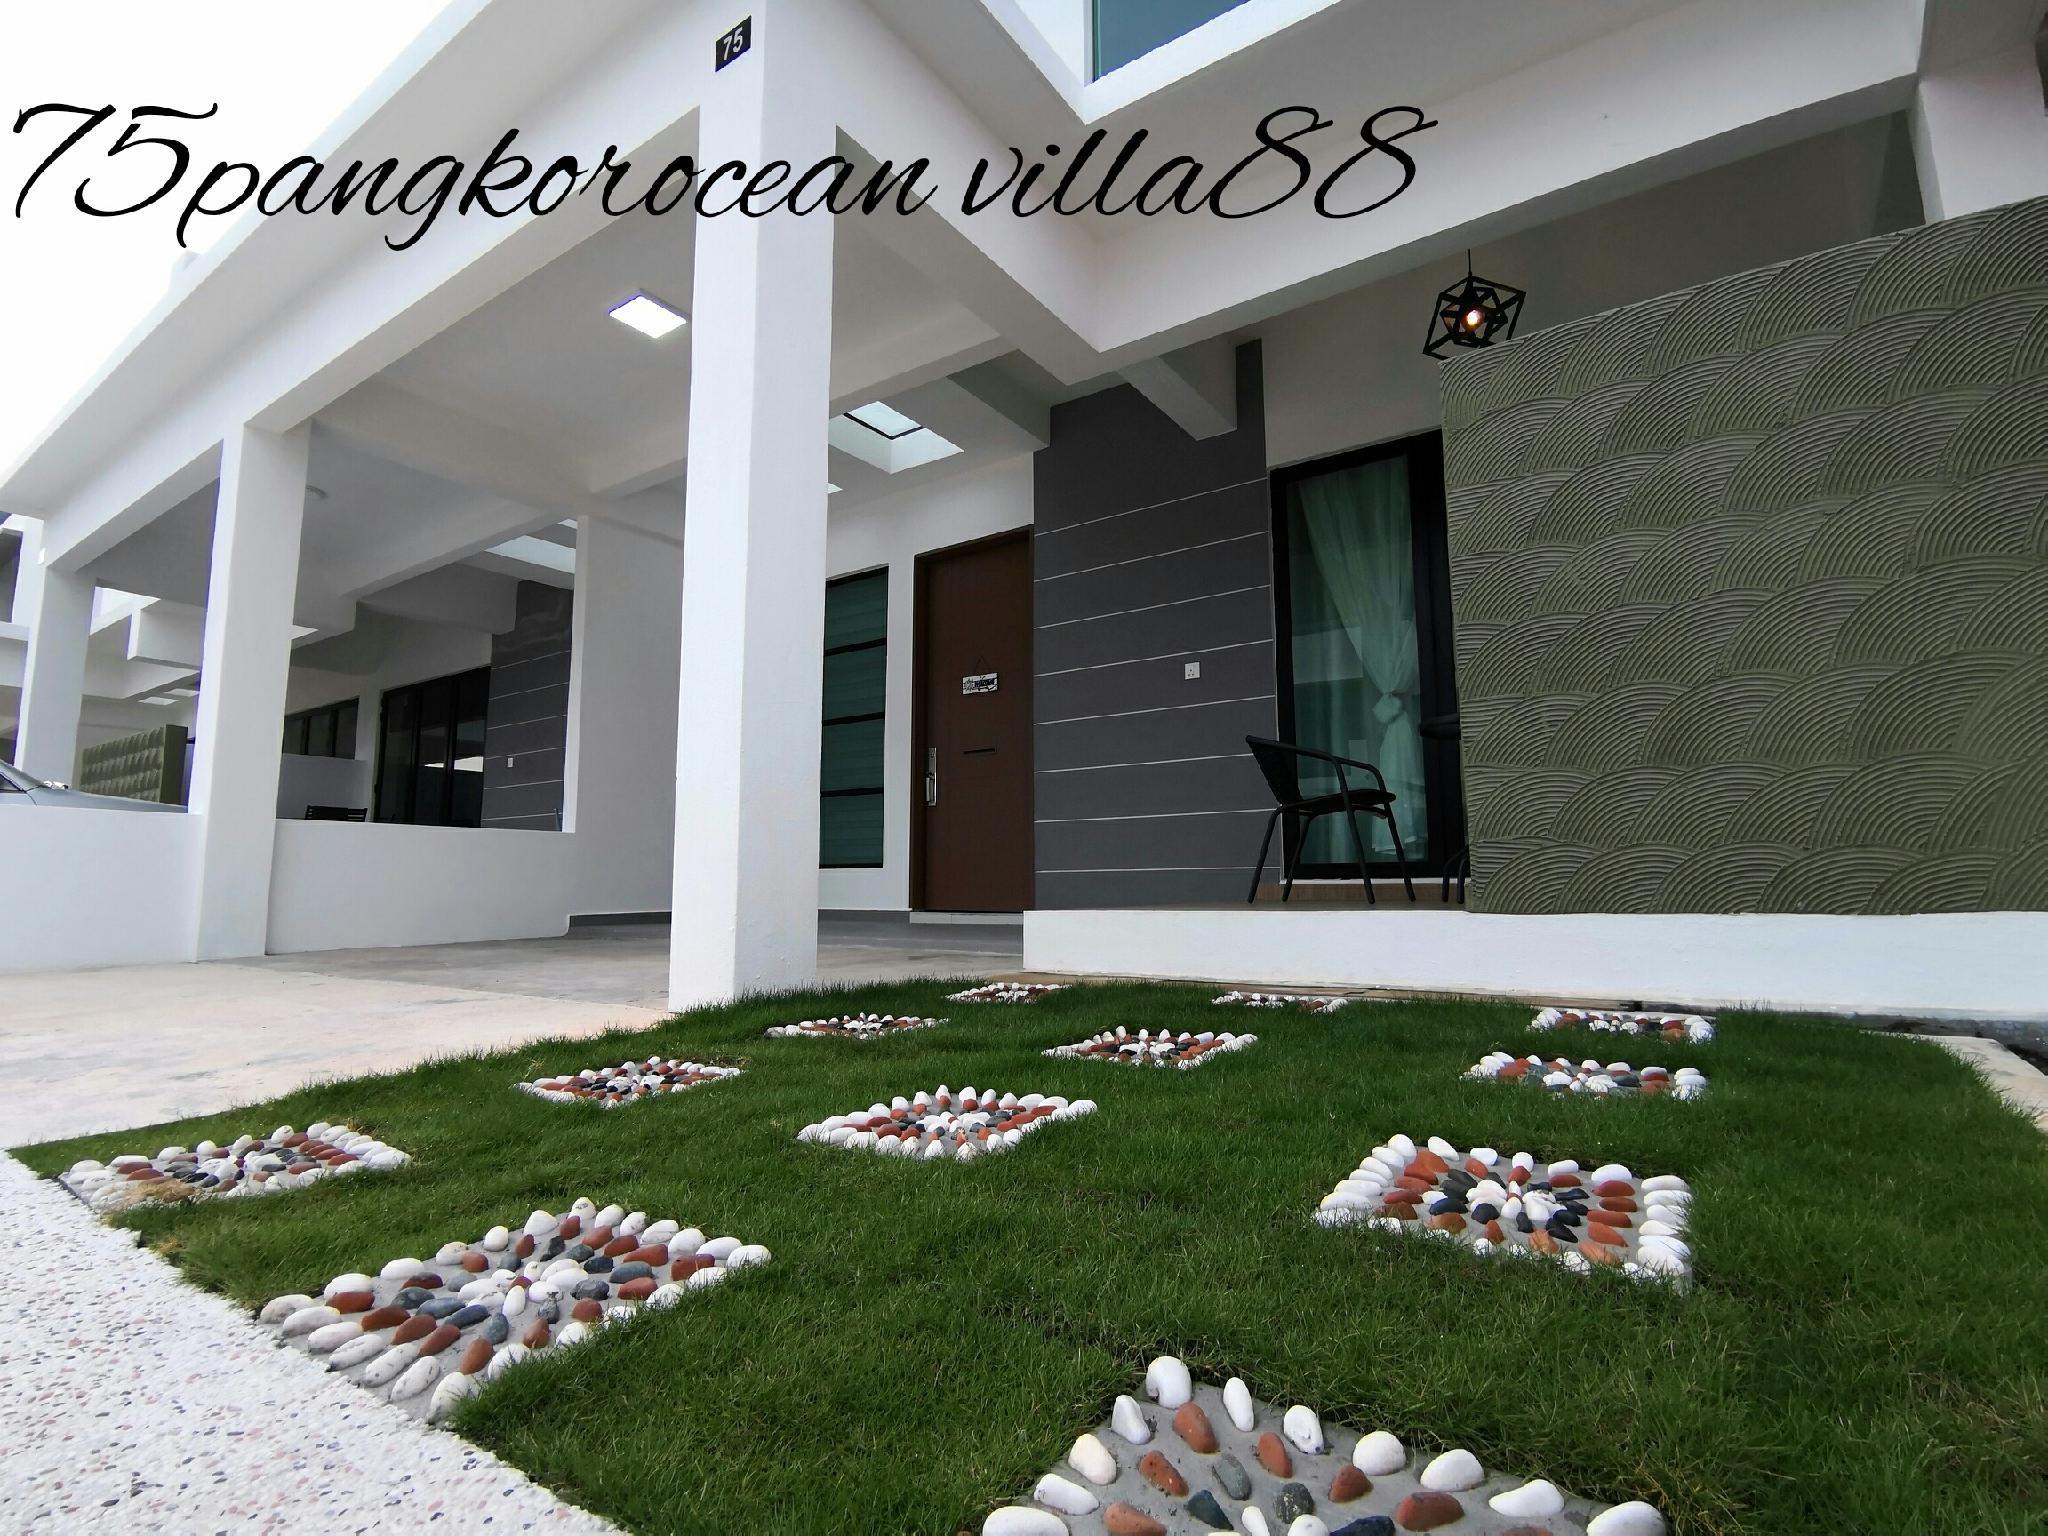 75 pangkor ocean villa 88